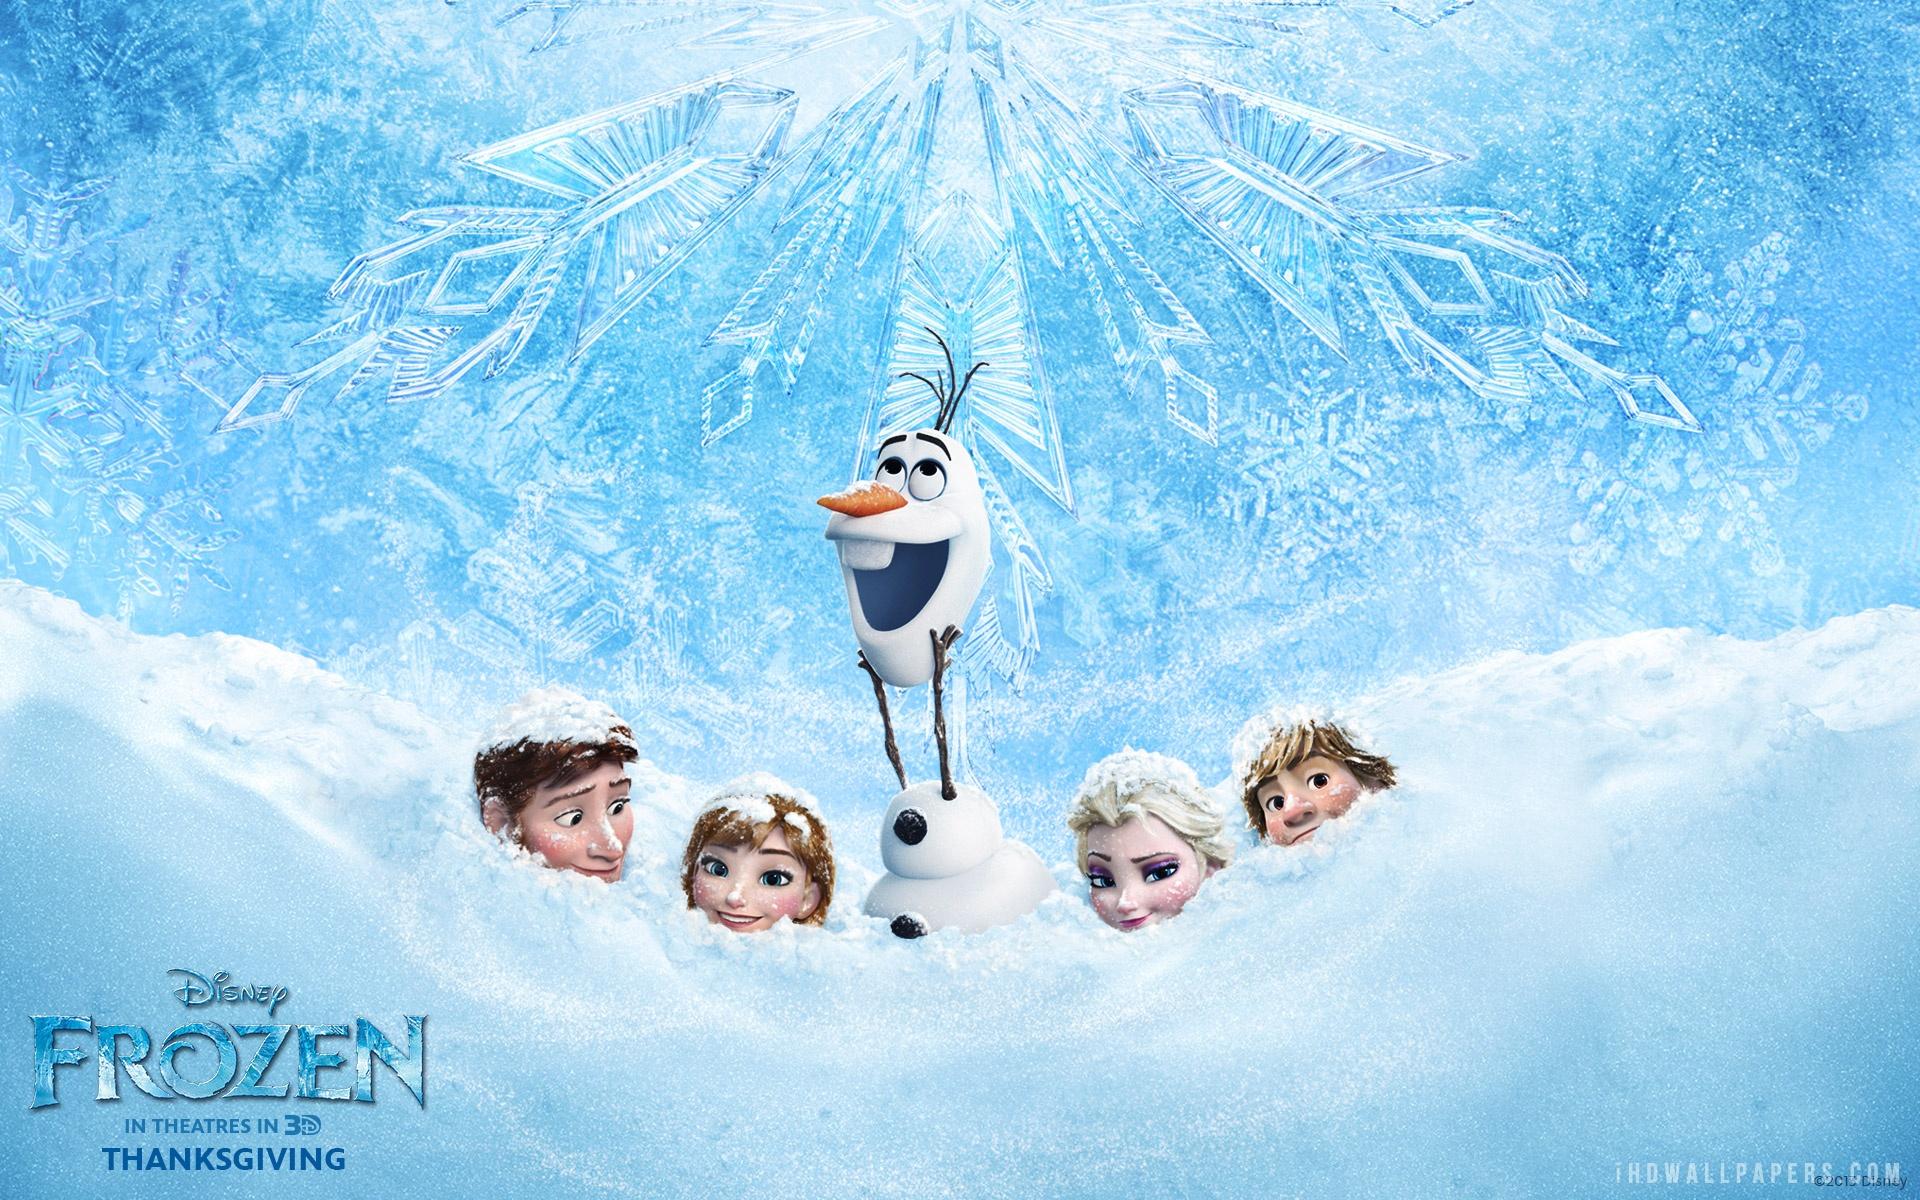 Disney Frozen HD Wallpaper   iHD Wallpapers 1920x1200